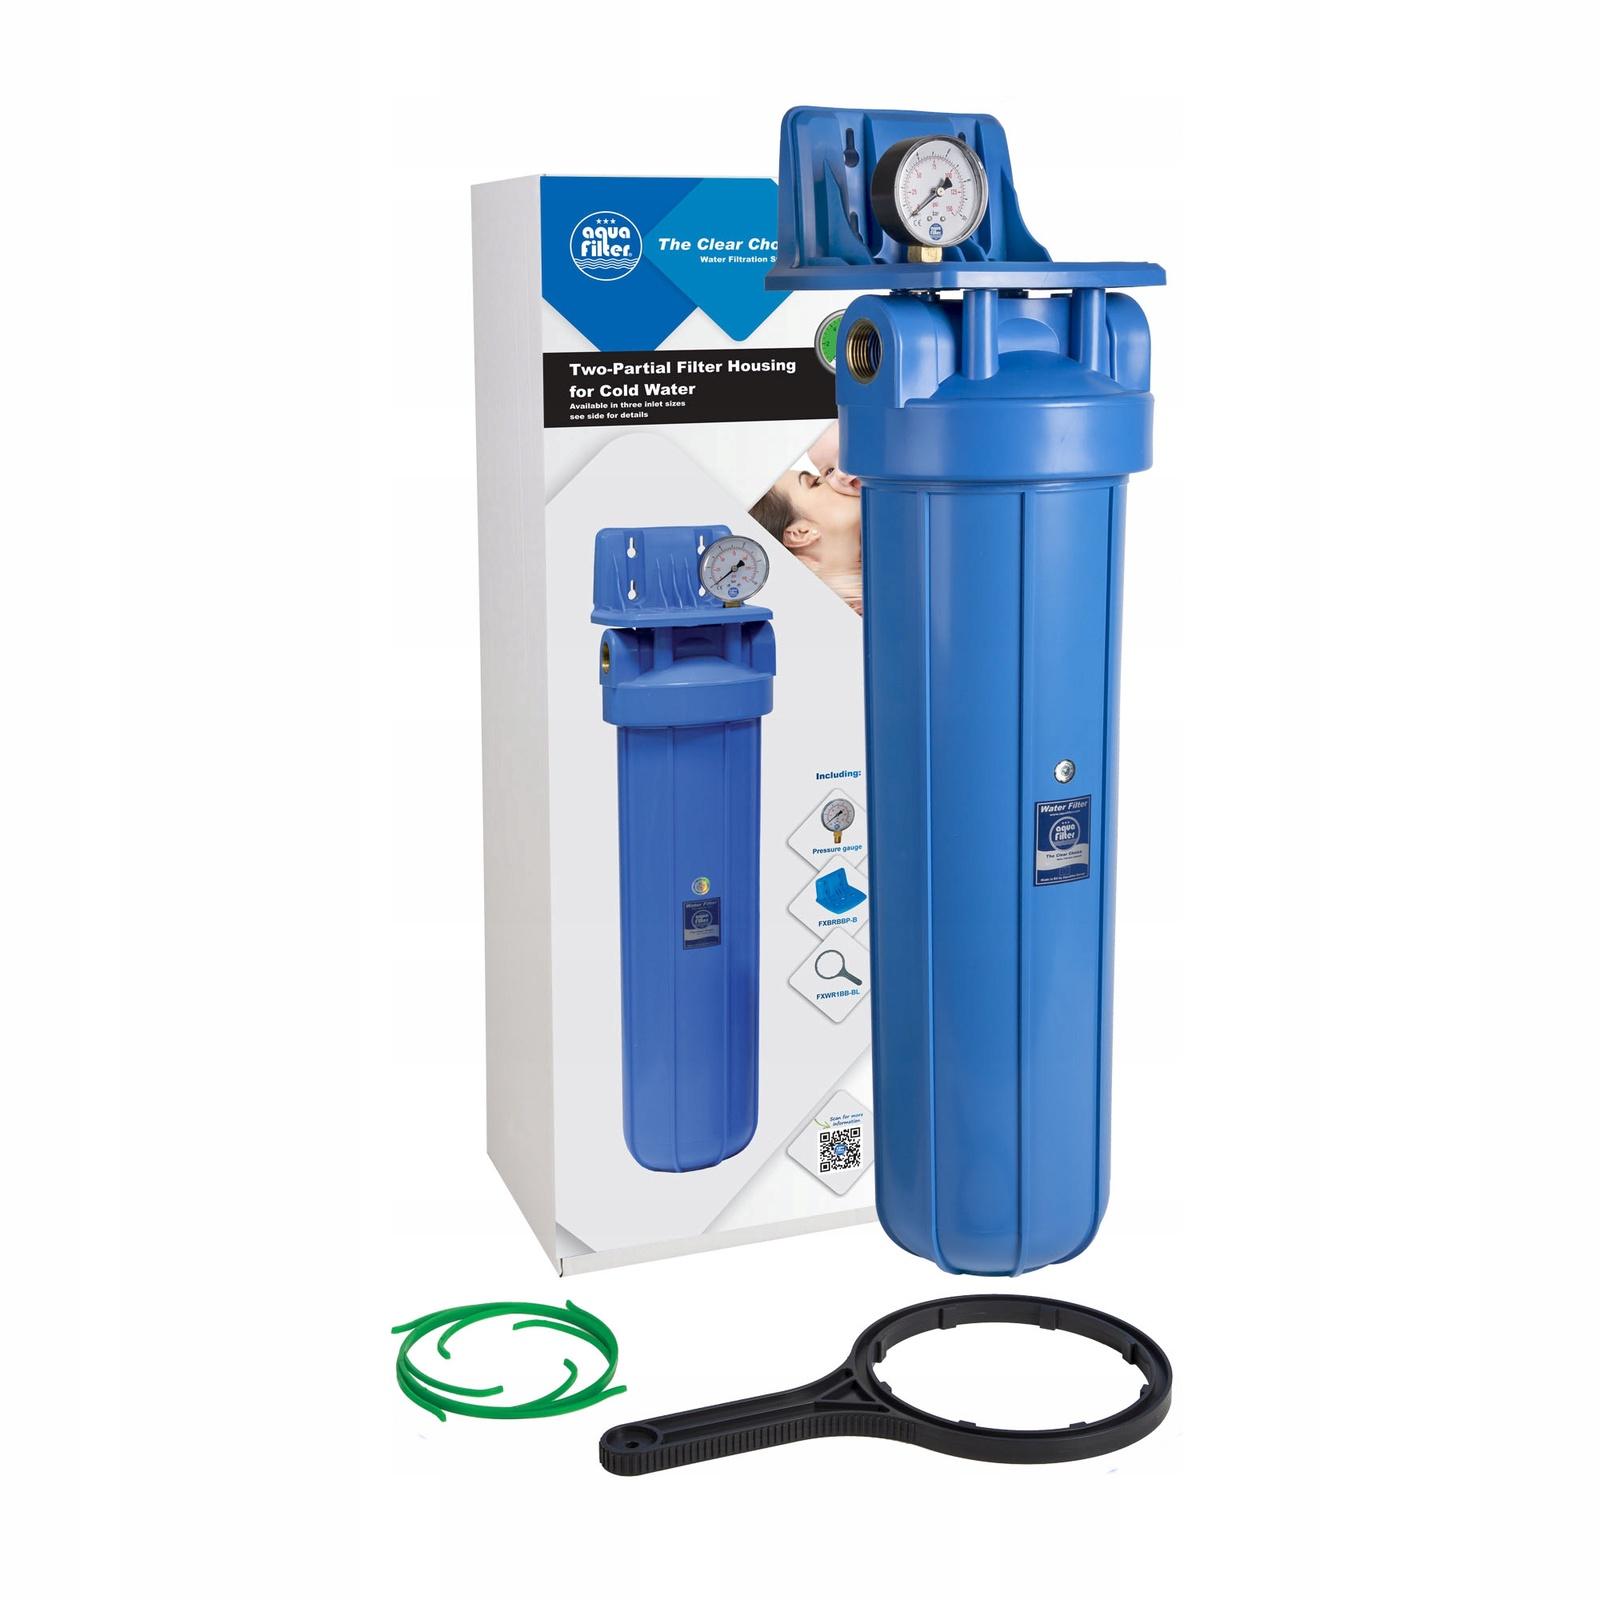 Магистральный корпус для холодной воды 20BB, синий, с вздушным клапаном и манометром, резьба 1, Aquafilter FH20B1-B-WB, 564